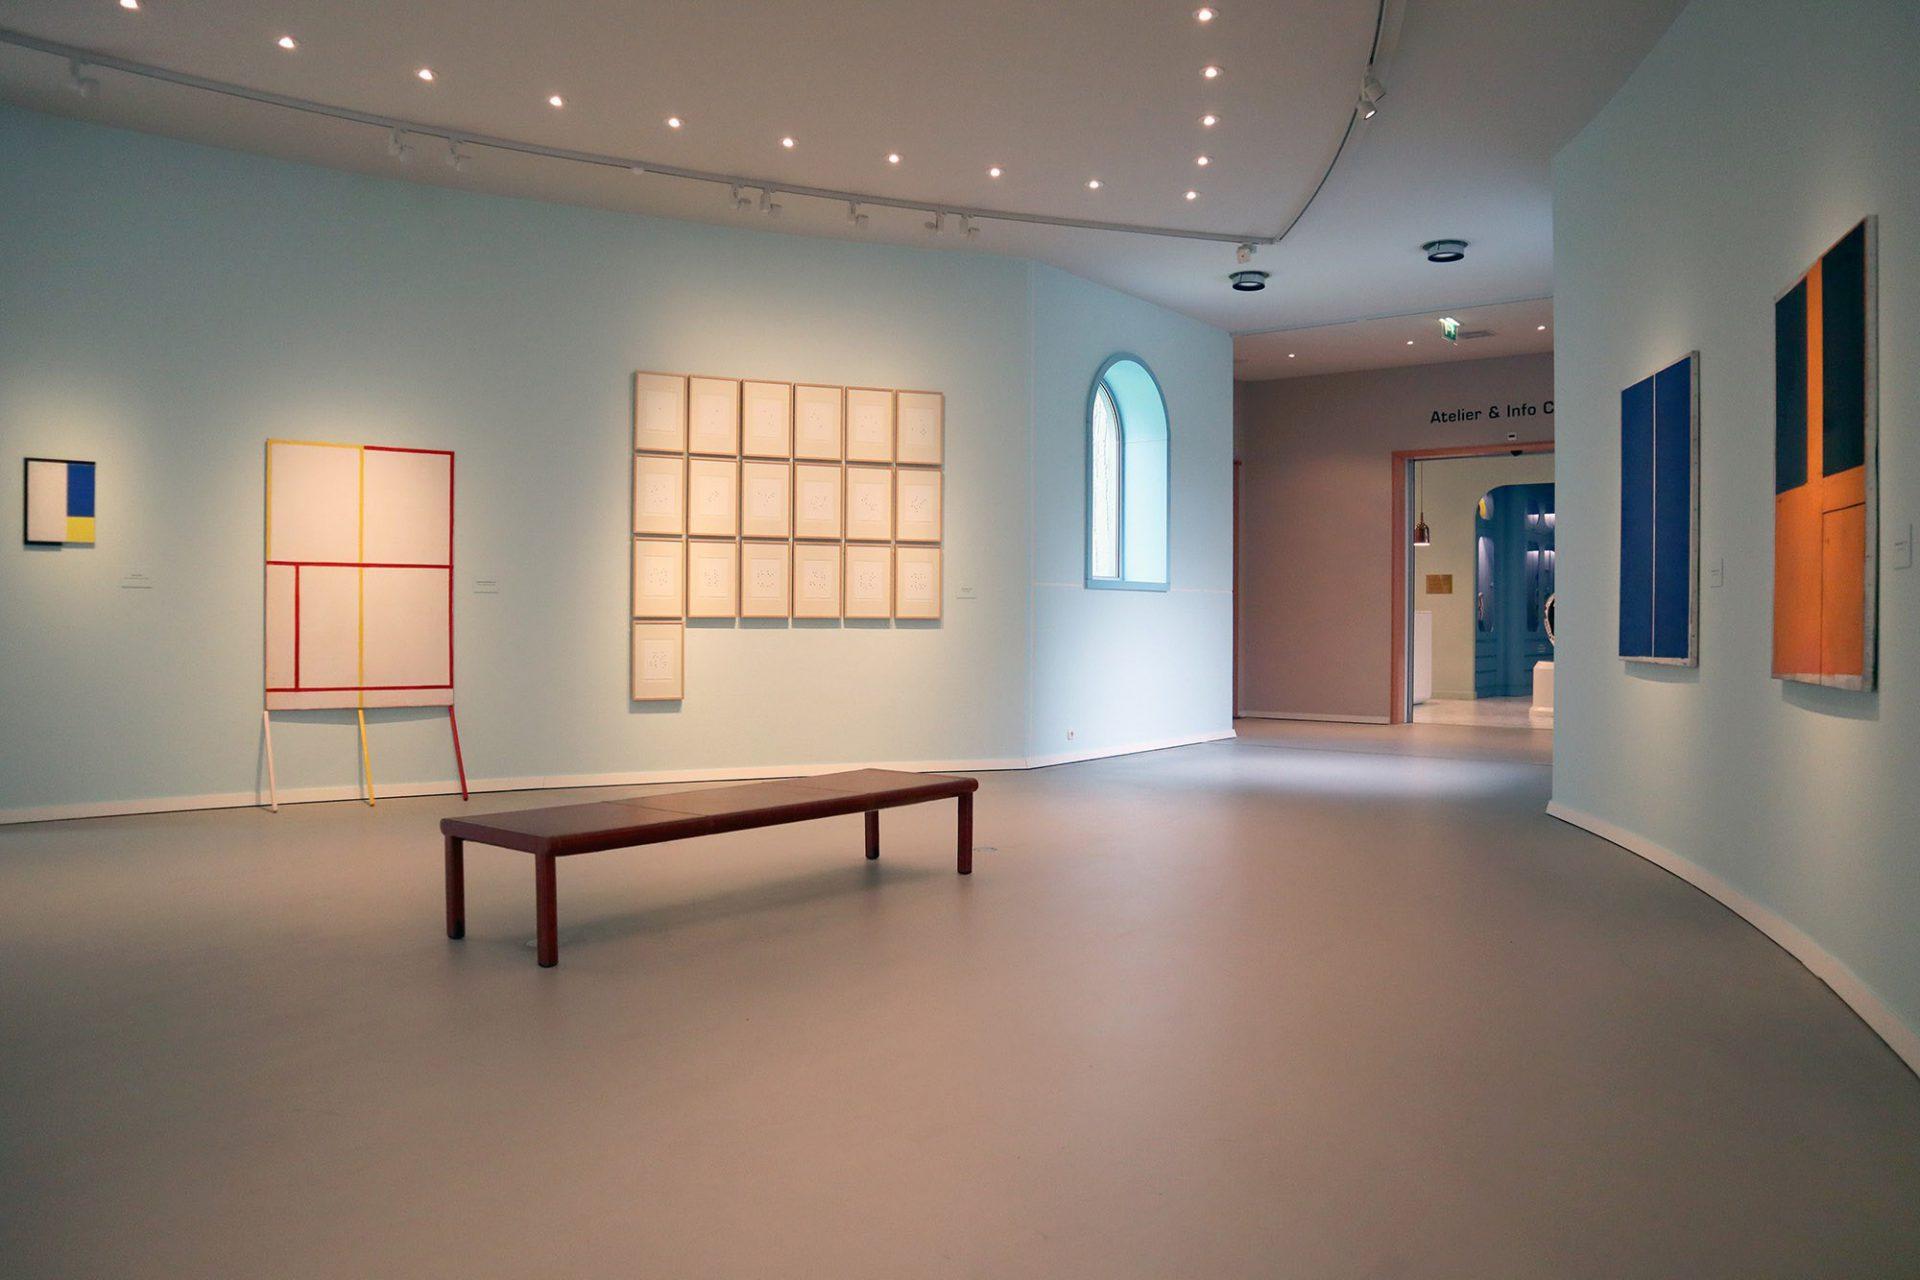 Groninger Museum. Das Museum zelebriert 2019 das 25jährige Bestehen des Mendini-de Lucchi-Starck, Coop Himmelb(l)au-Komplexes mit einem üppigen und teils spektakulären Programm. Darunter eine eigens für das Museum entwickelte Arbeit des Künstlers Daan Roosegaarde.